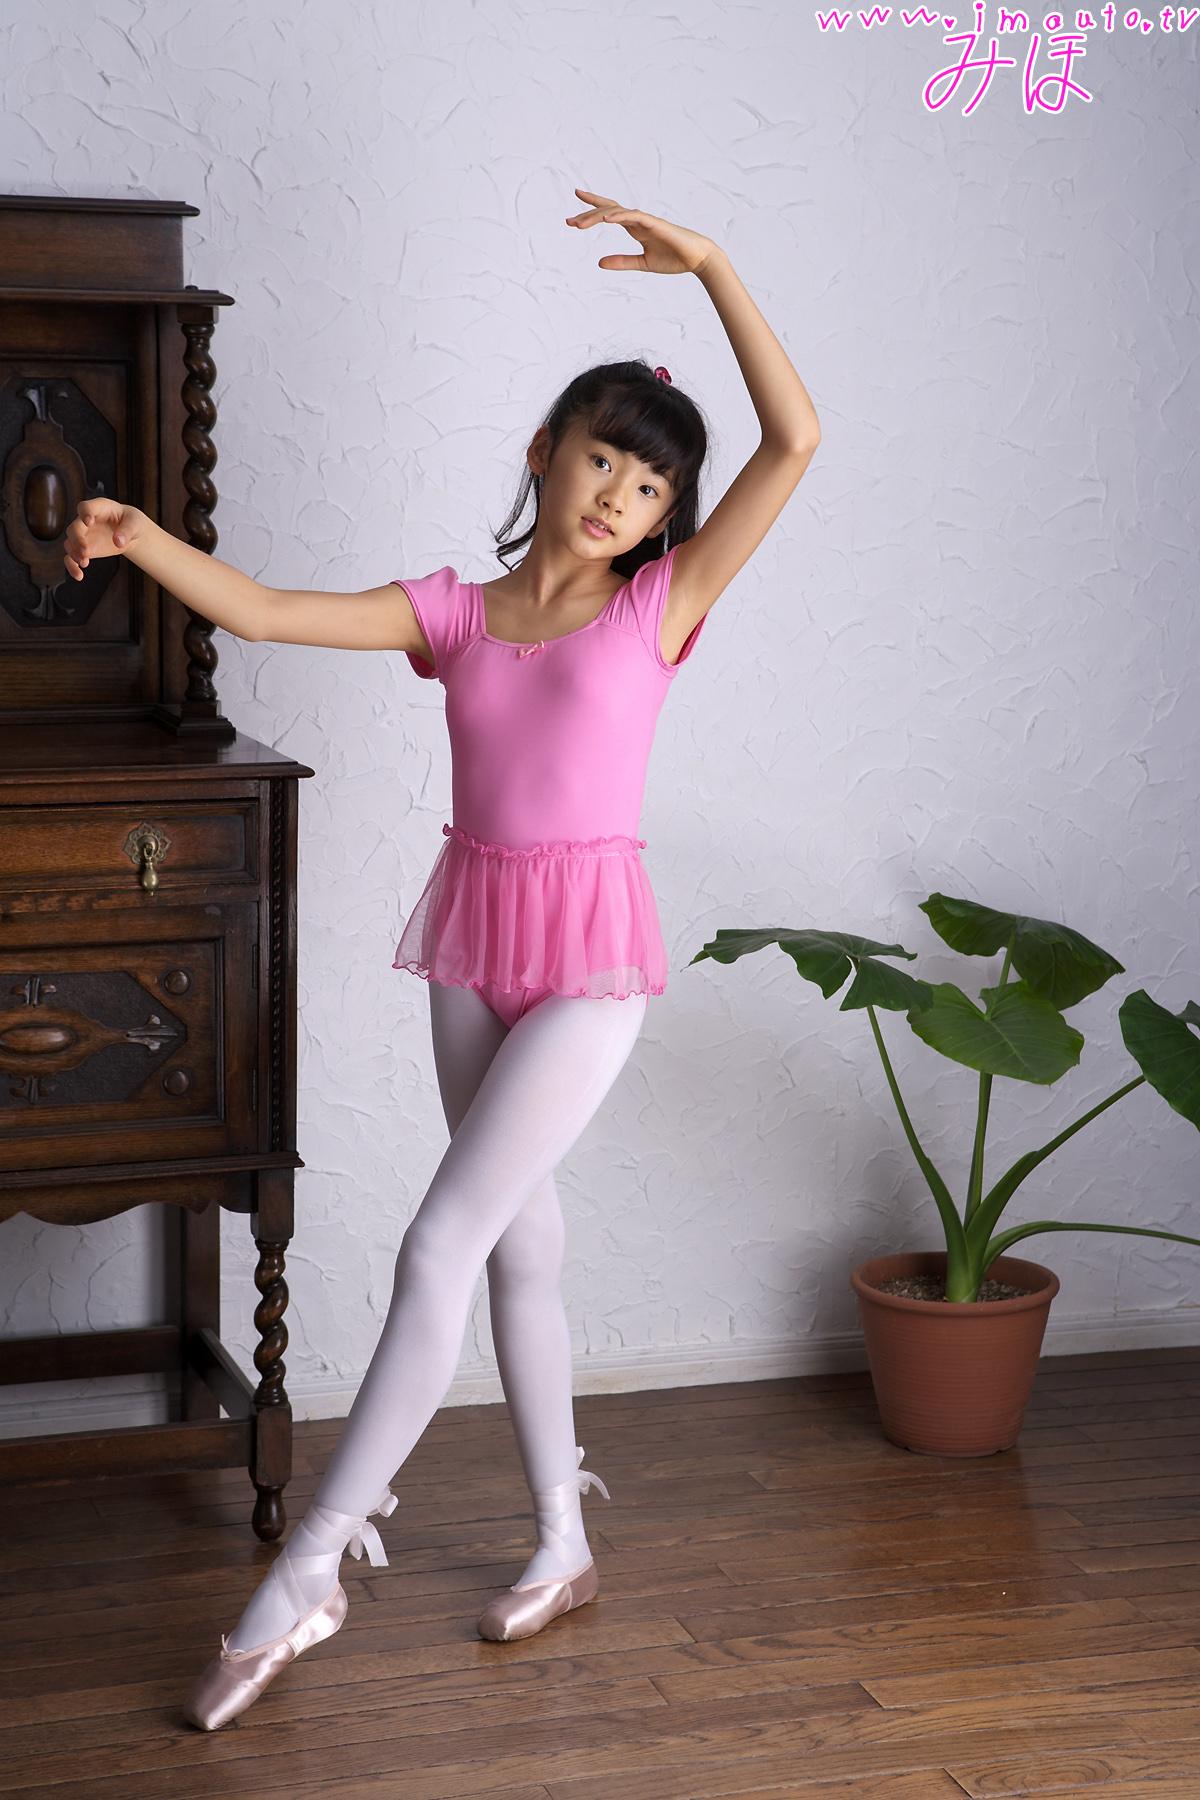 金子美穗跳芭蕾舞图片